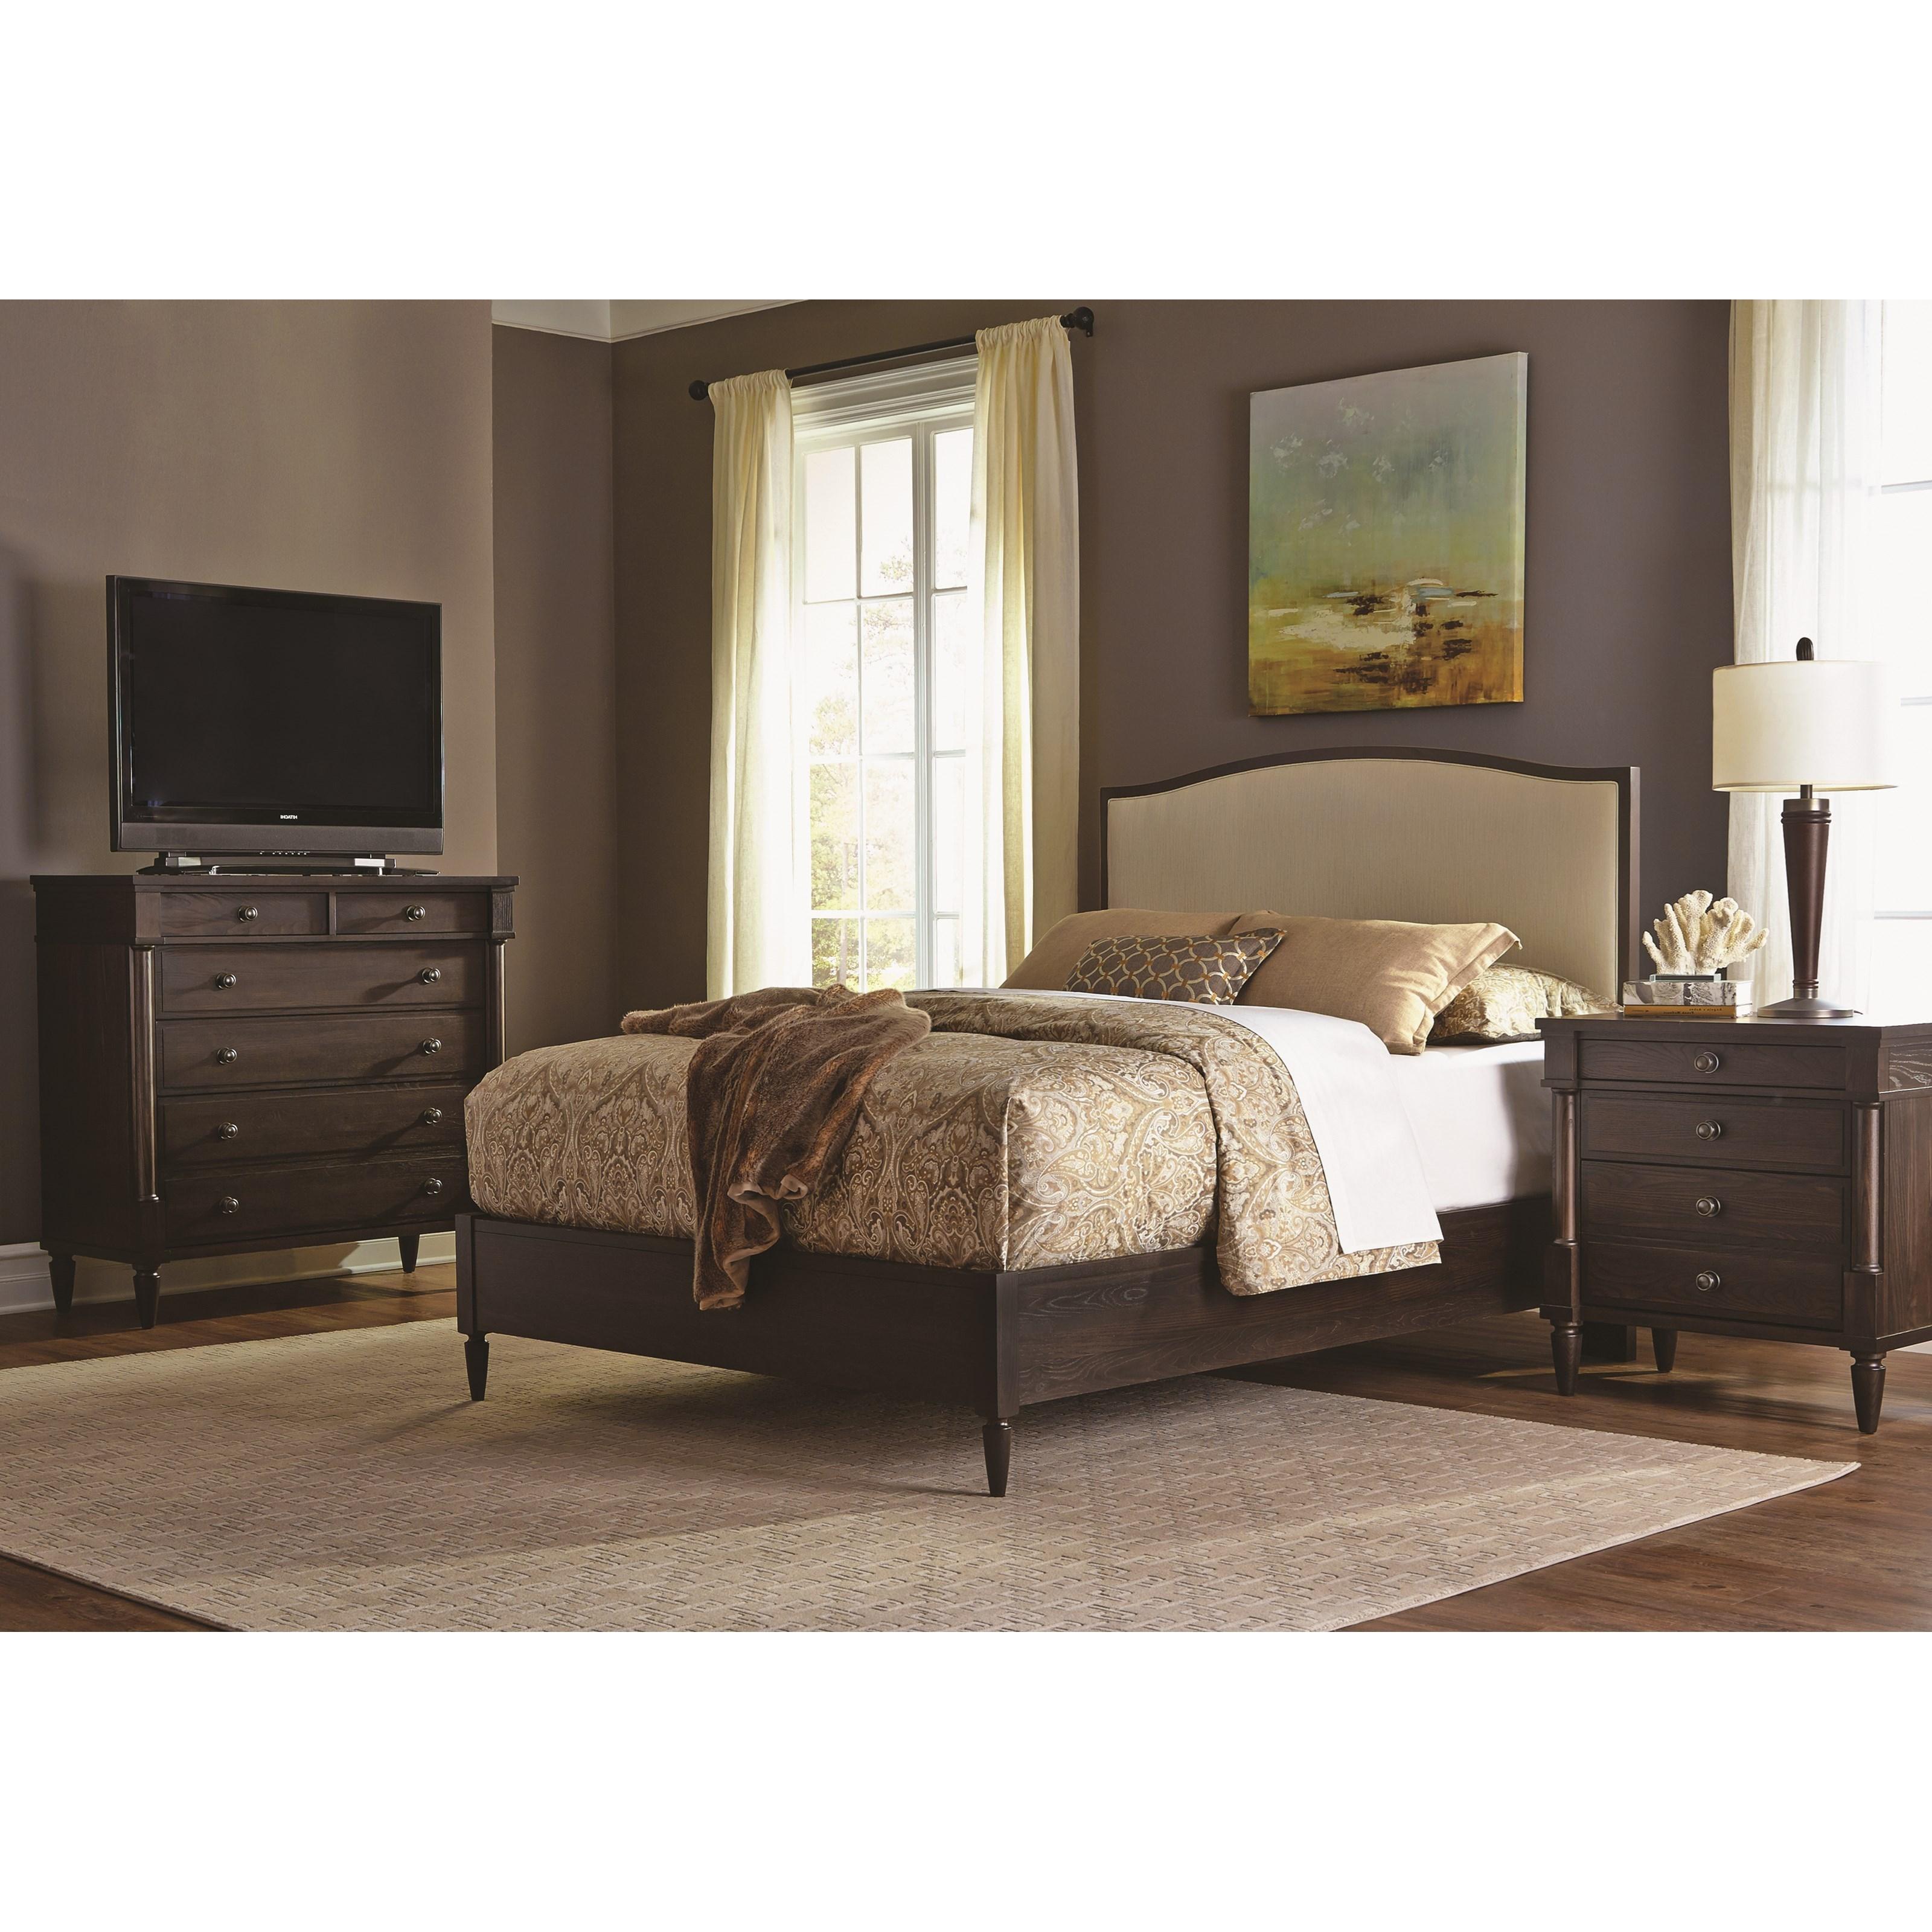 Durham blairhampton queen bedroom group stoney creek for Stoney creek bedroom set